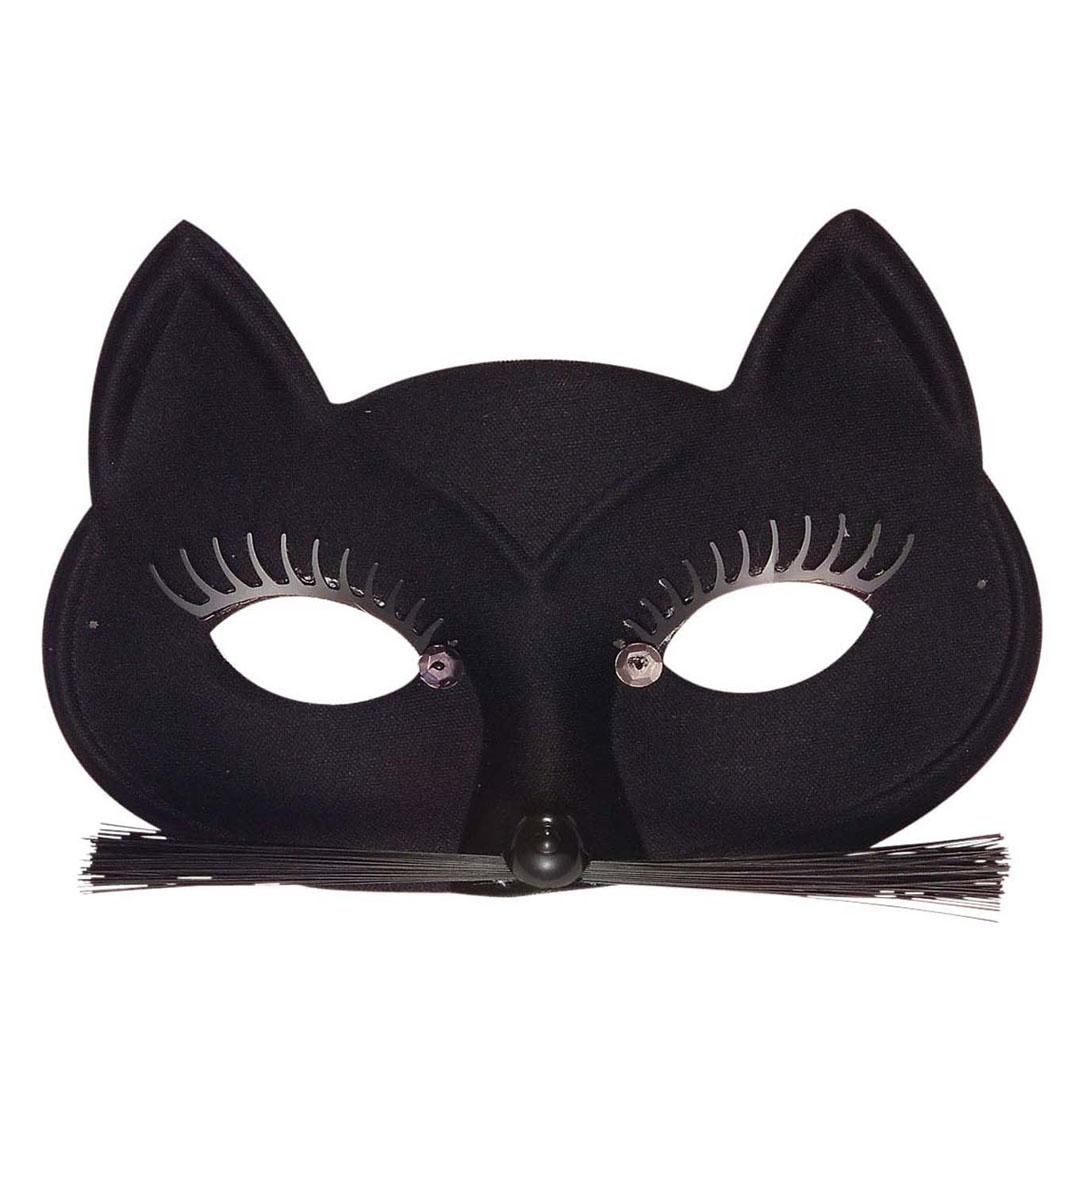 Black Cat Eyemask with Eyelashes Whiskers Animal Fancy Dress